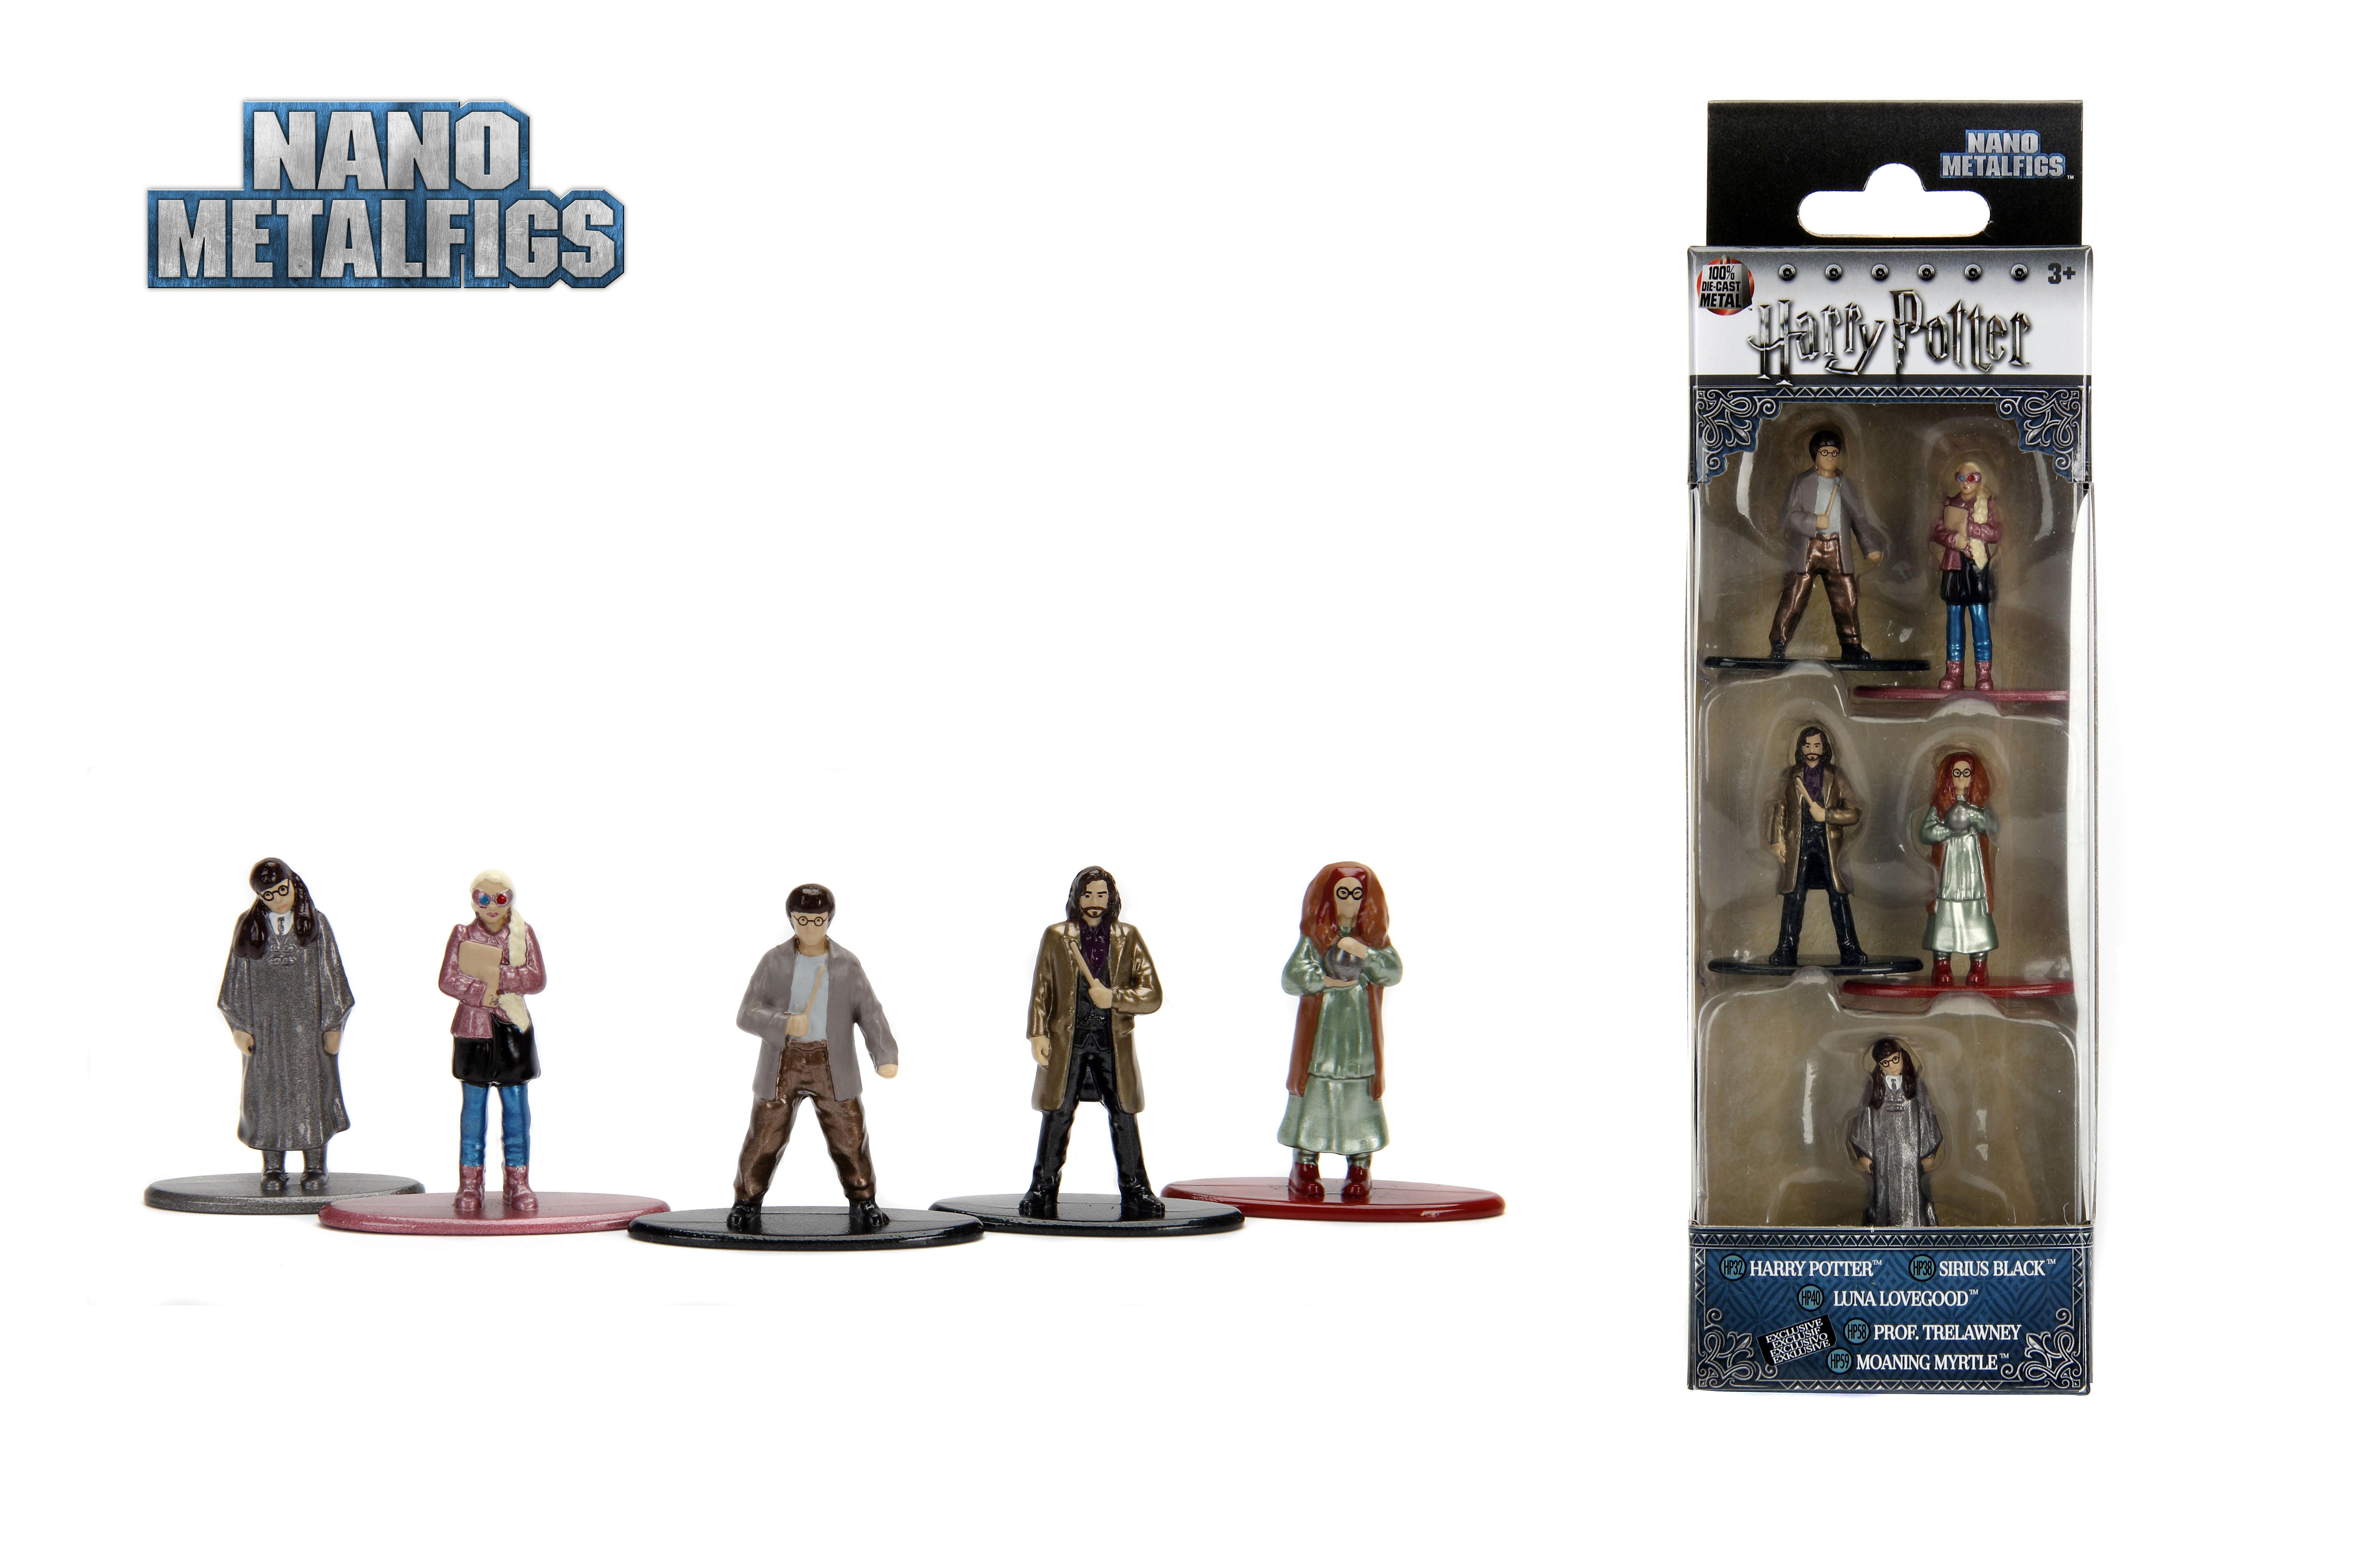 Nano metalfigs Marvel Spider-Man pack 5 die cast figures Jada Toys Pack B-New in Box